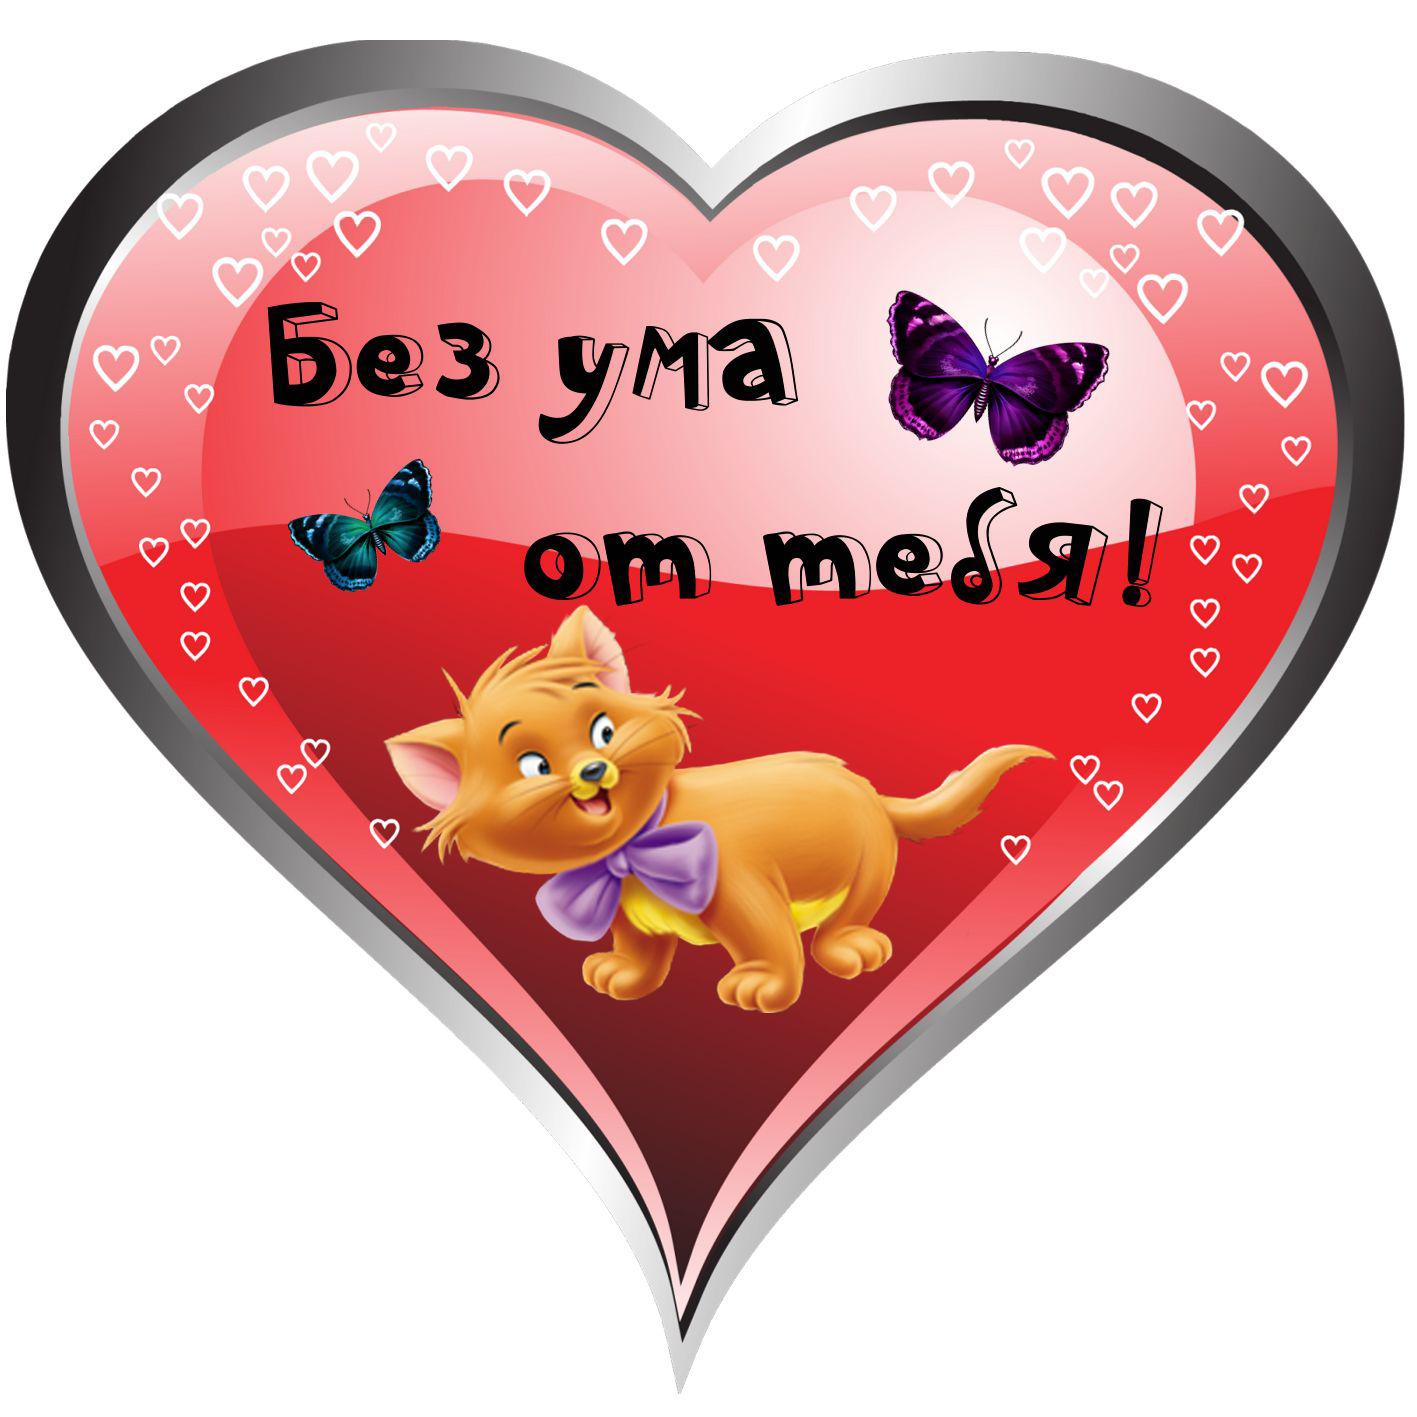 Валентинка - котик с бантиком внутри сердечка